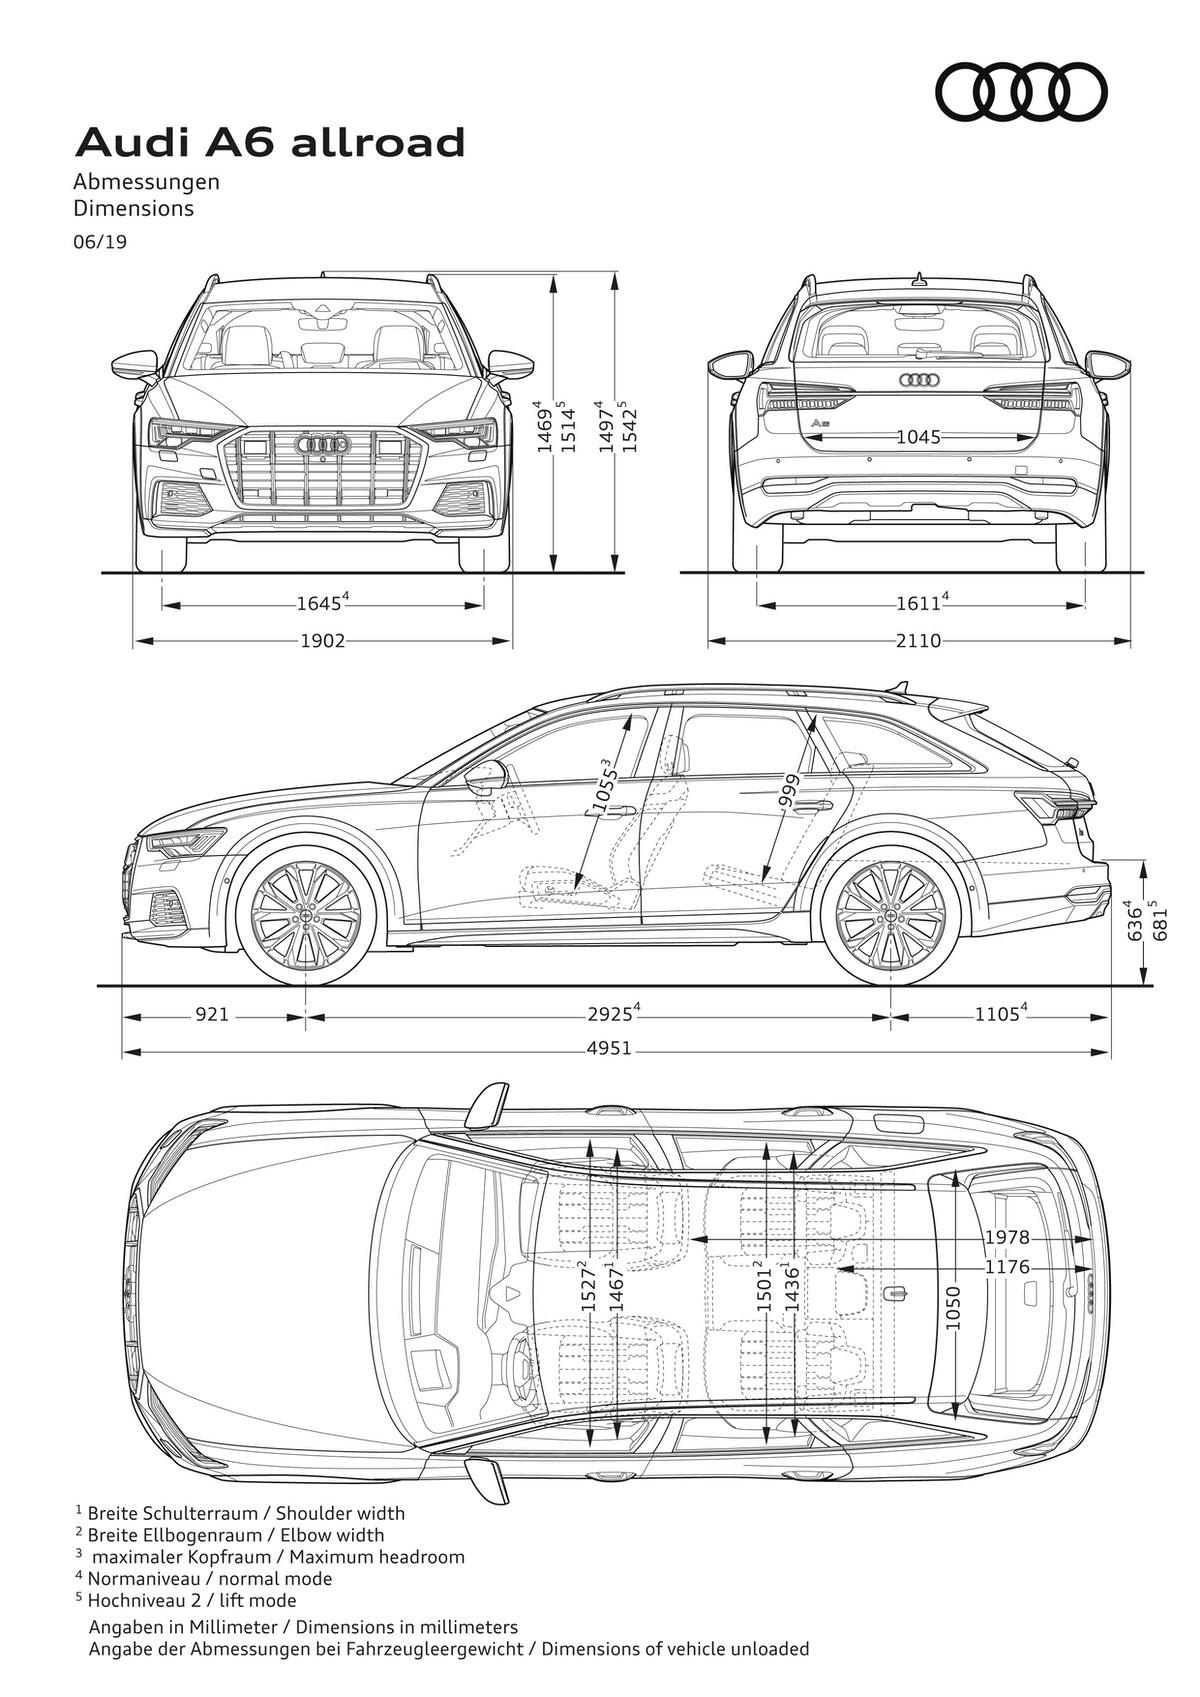 Nuova Audi A6 allroad quattro: prestazioni e look all terrain 3